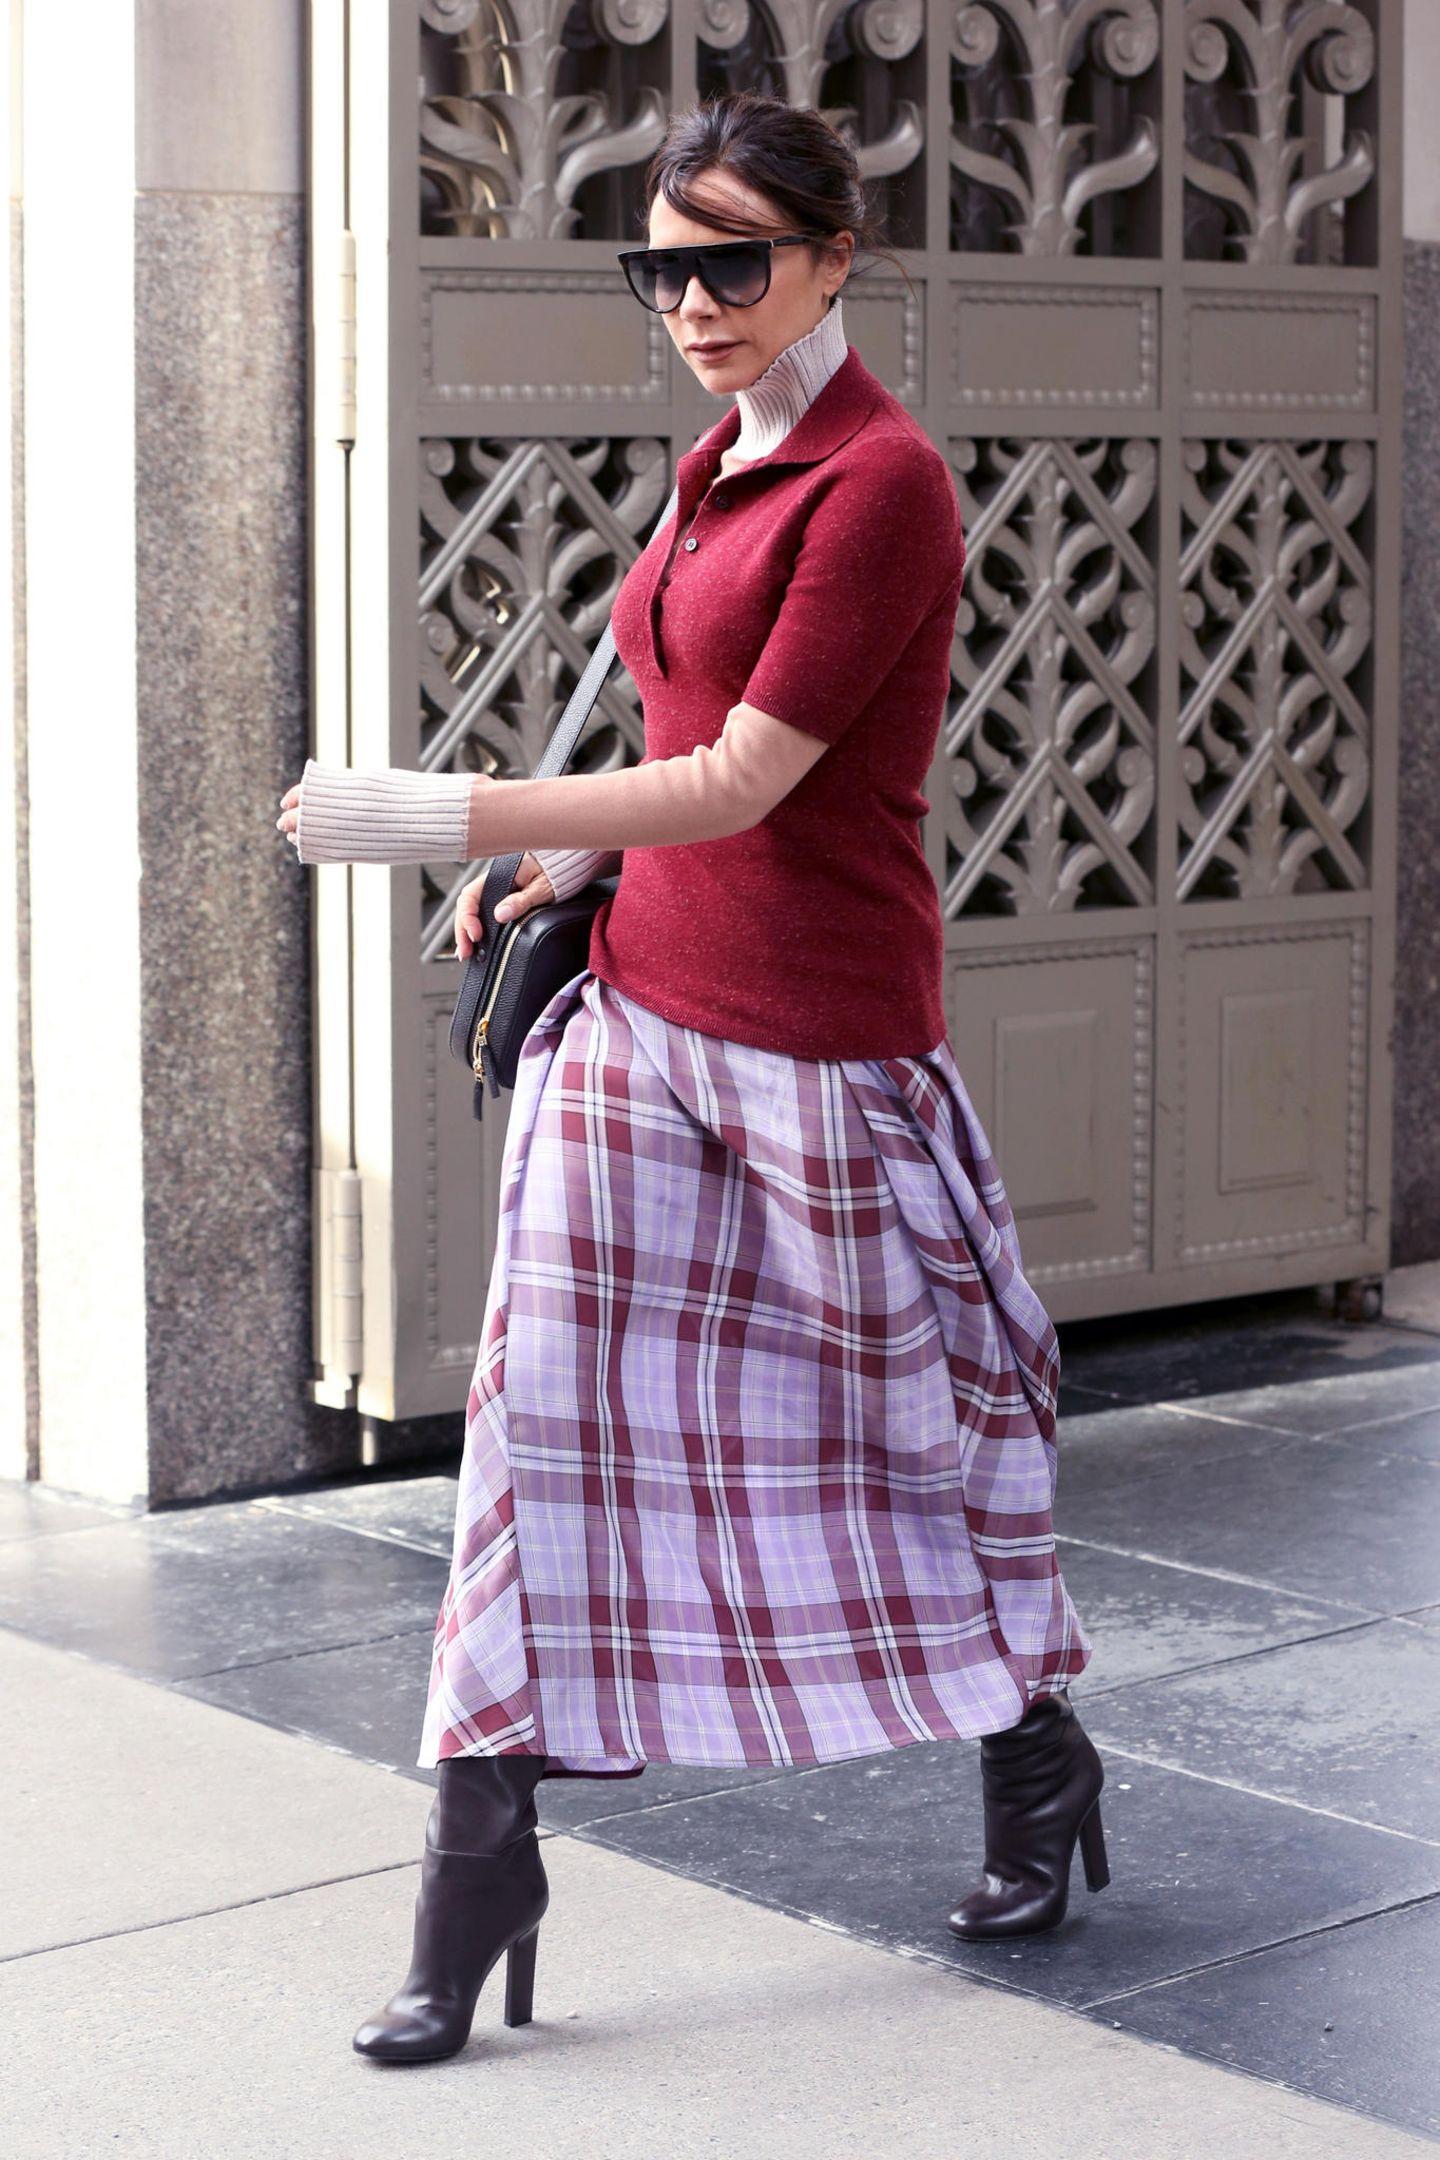 Trägt Victoria Beckham hier etwa eine Halskrause? Auf den ersten Blick könnte man das zumindest meinen. Auf den zweiten Blick erkennt man allerdings, dass es nur ihr stylischer Rollkragenpullover ist.